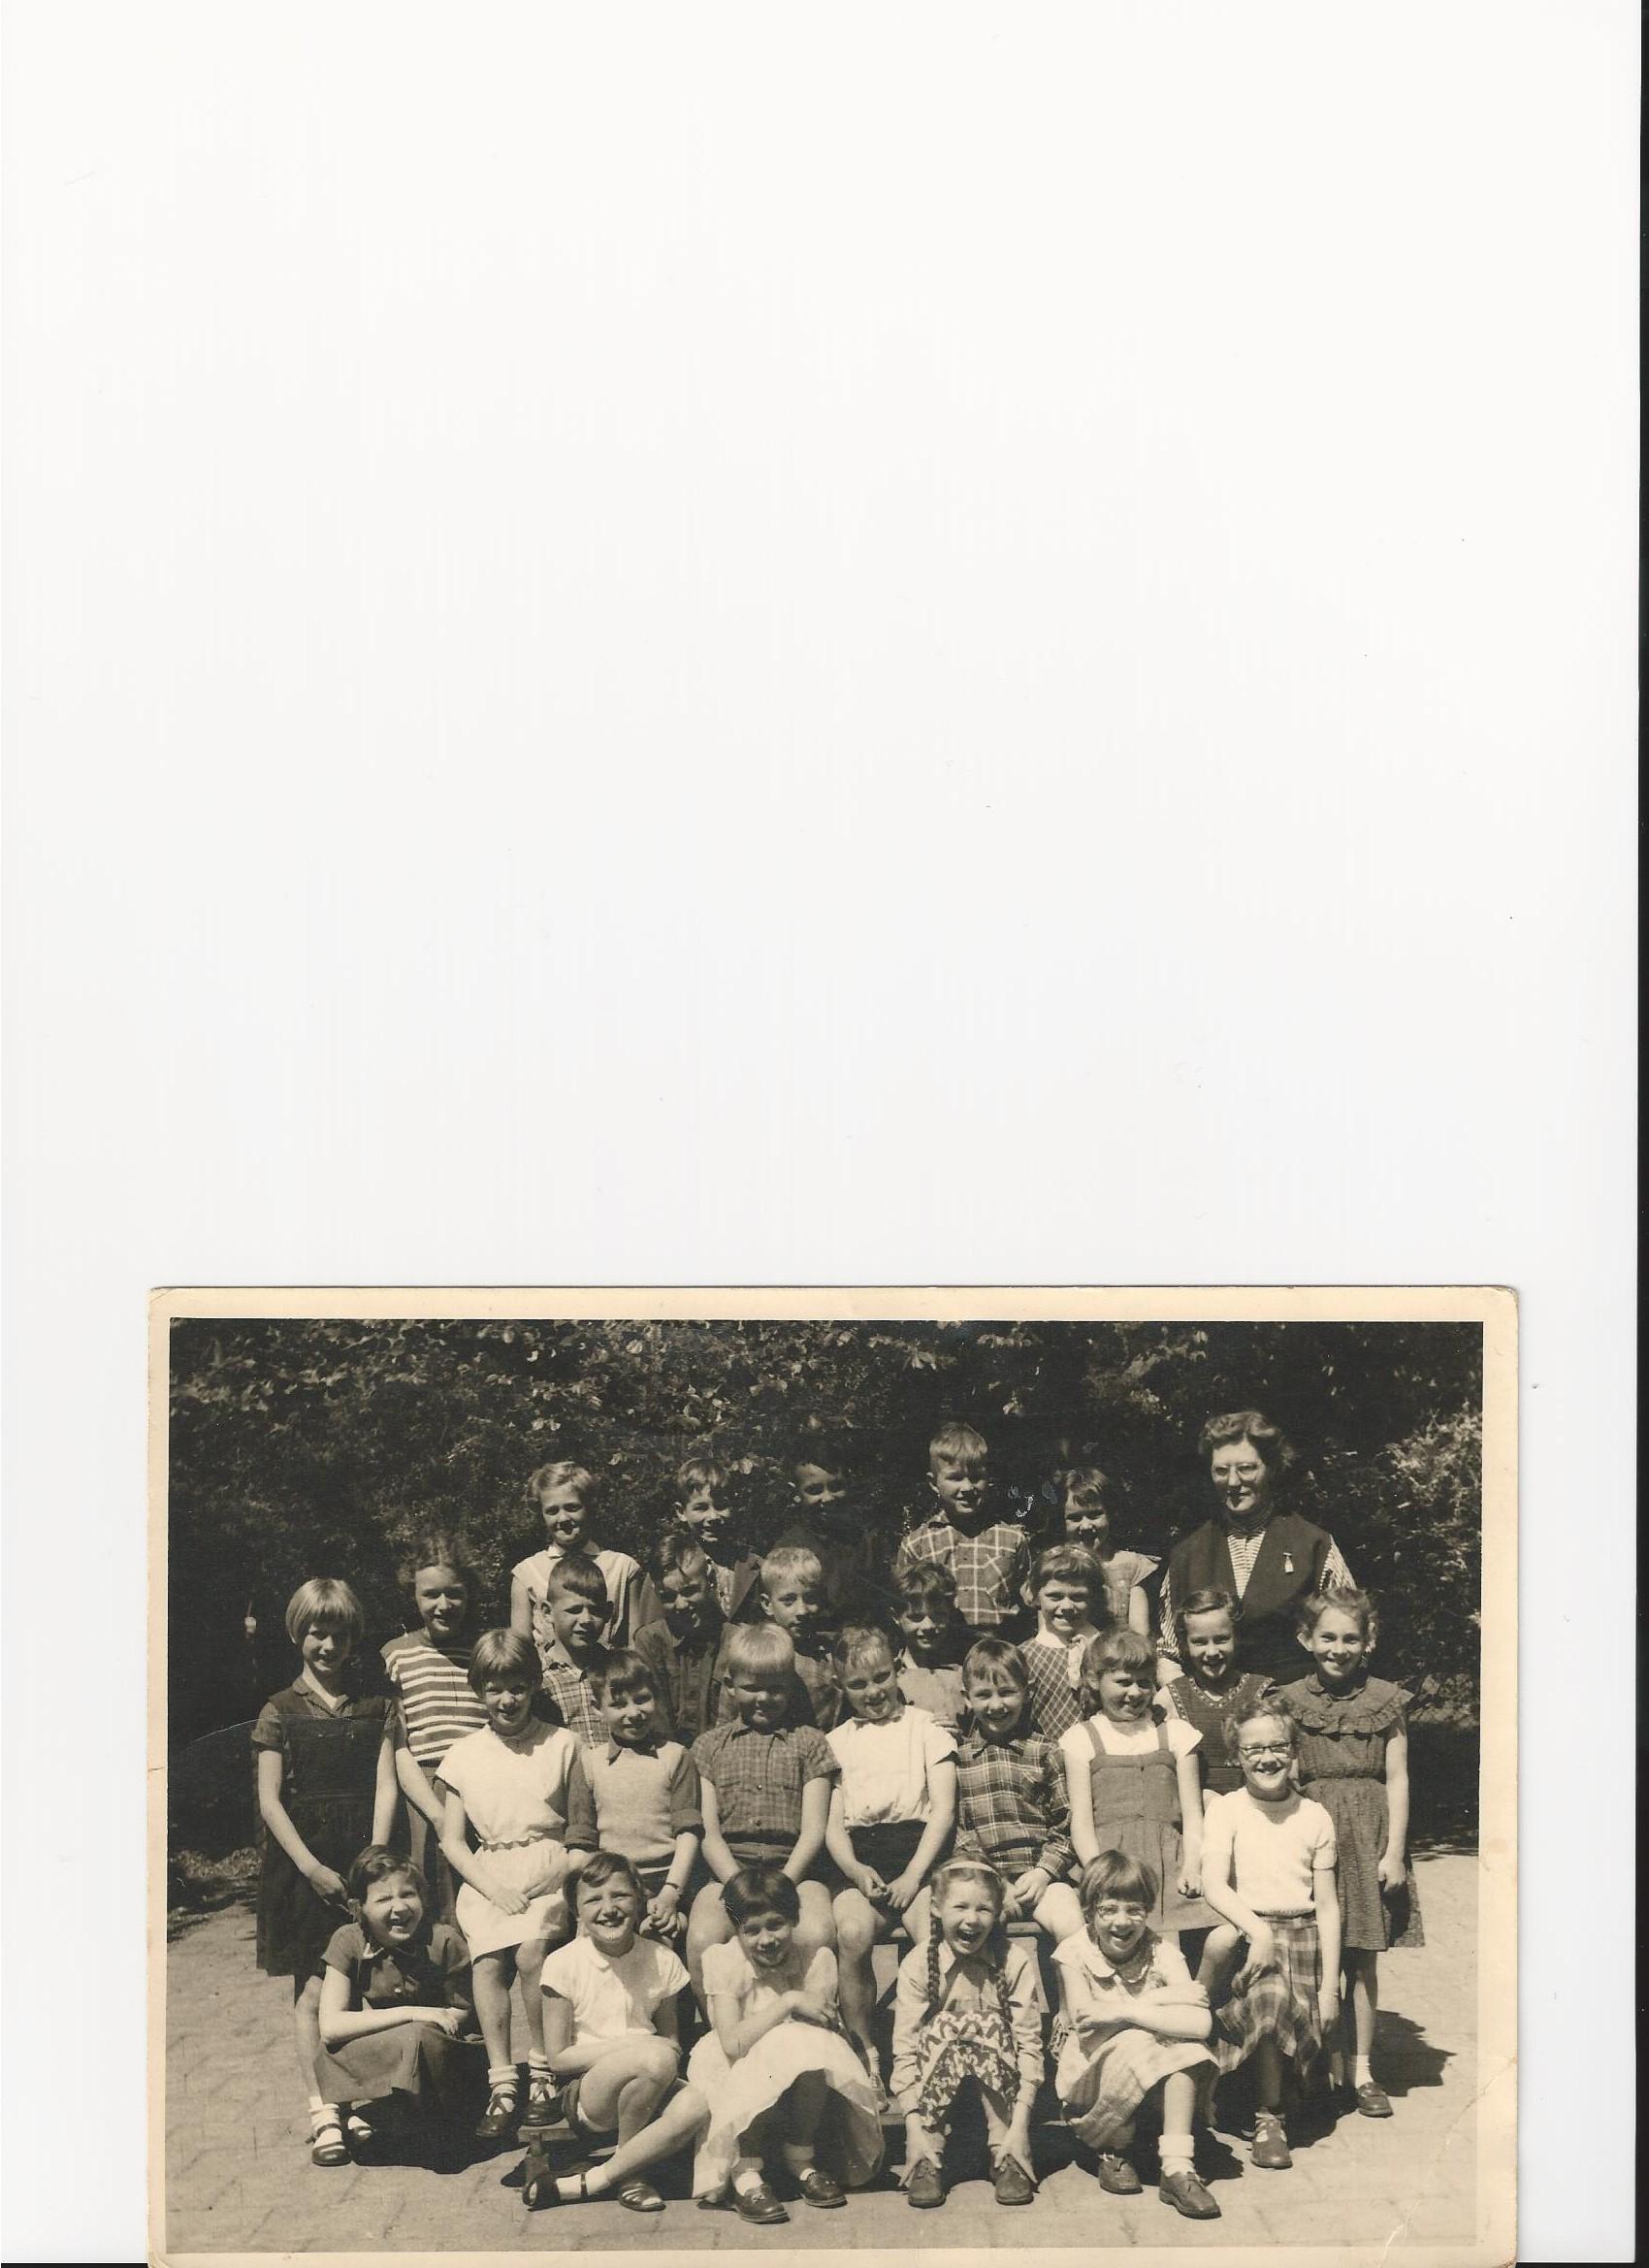 Veendamsche Opleidingsschool foto